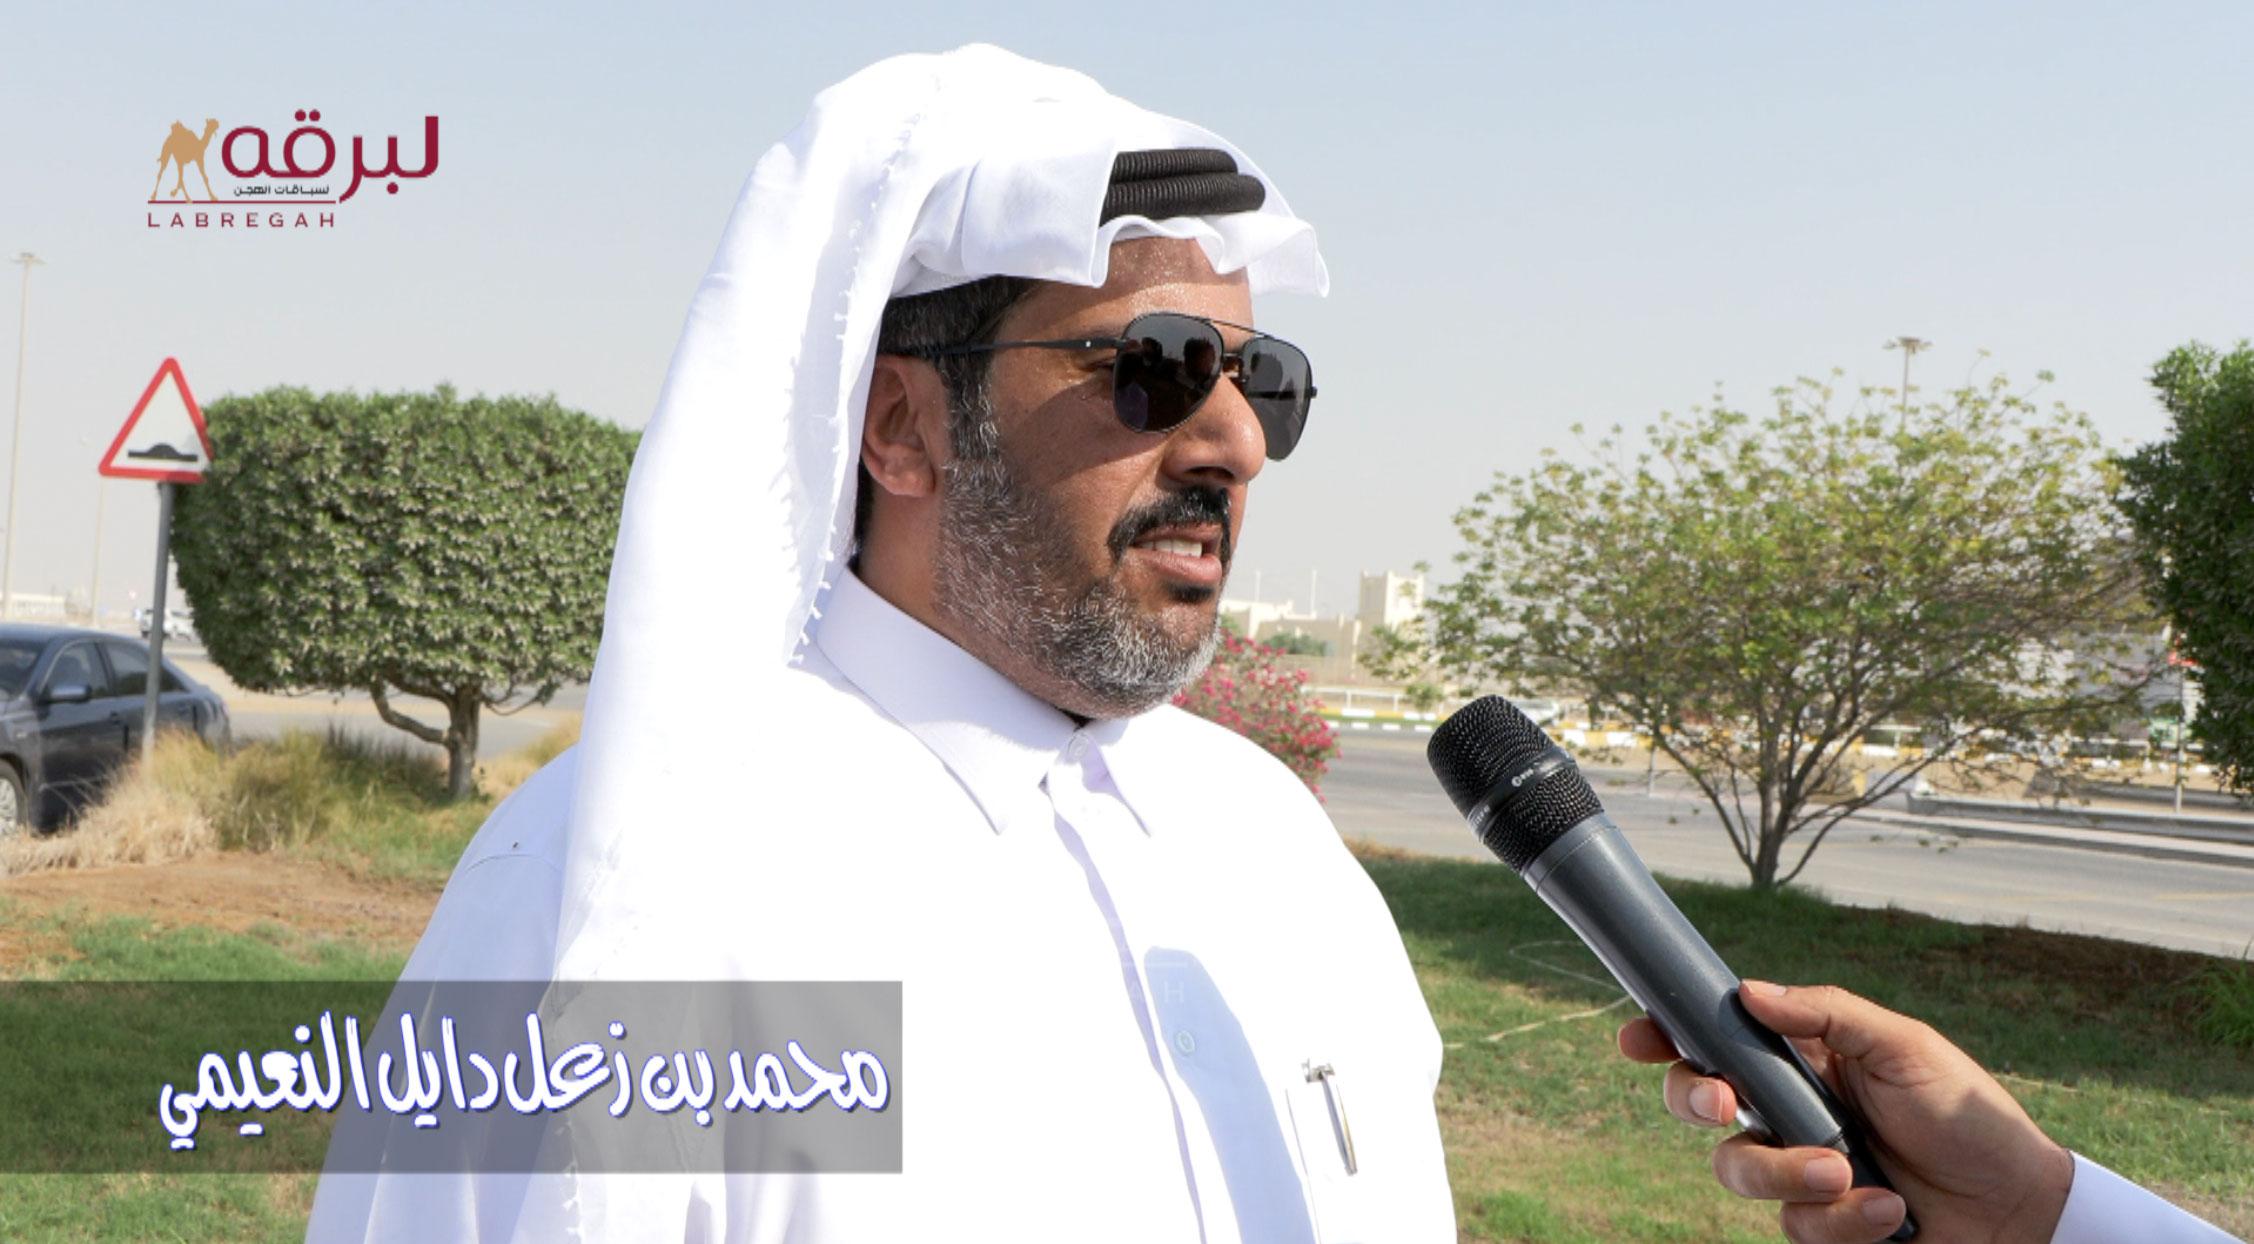 لقاء مع محمد بن زعل دايل النعيمي.. الشوط الرئيسي للزمول (إنتاج) ميدان الشحانية ١٢-٩-٢٠٢١